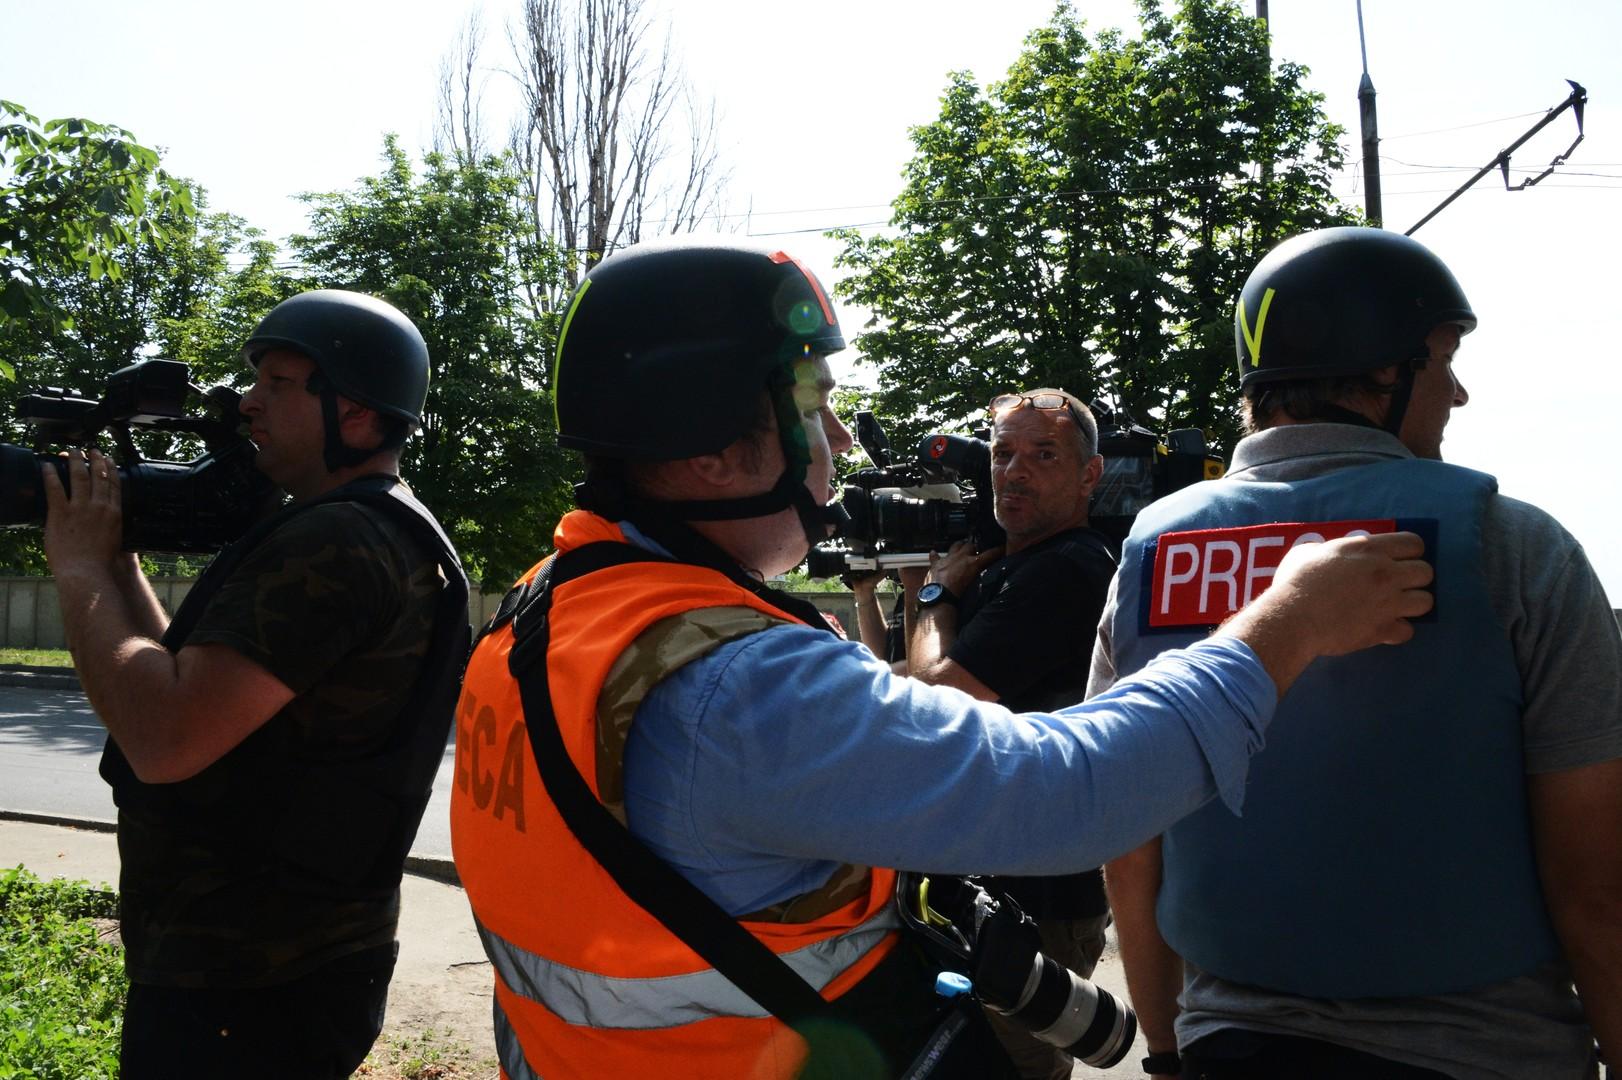 «Репортёры без границ»: СМИ на Украине находятся в очень тяжёлом положении